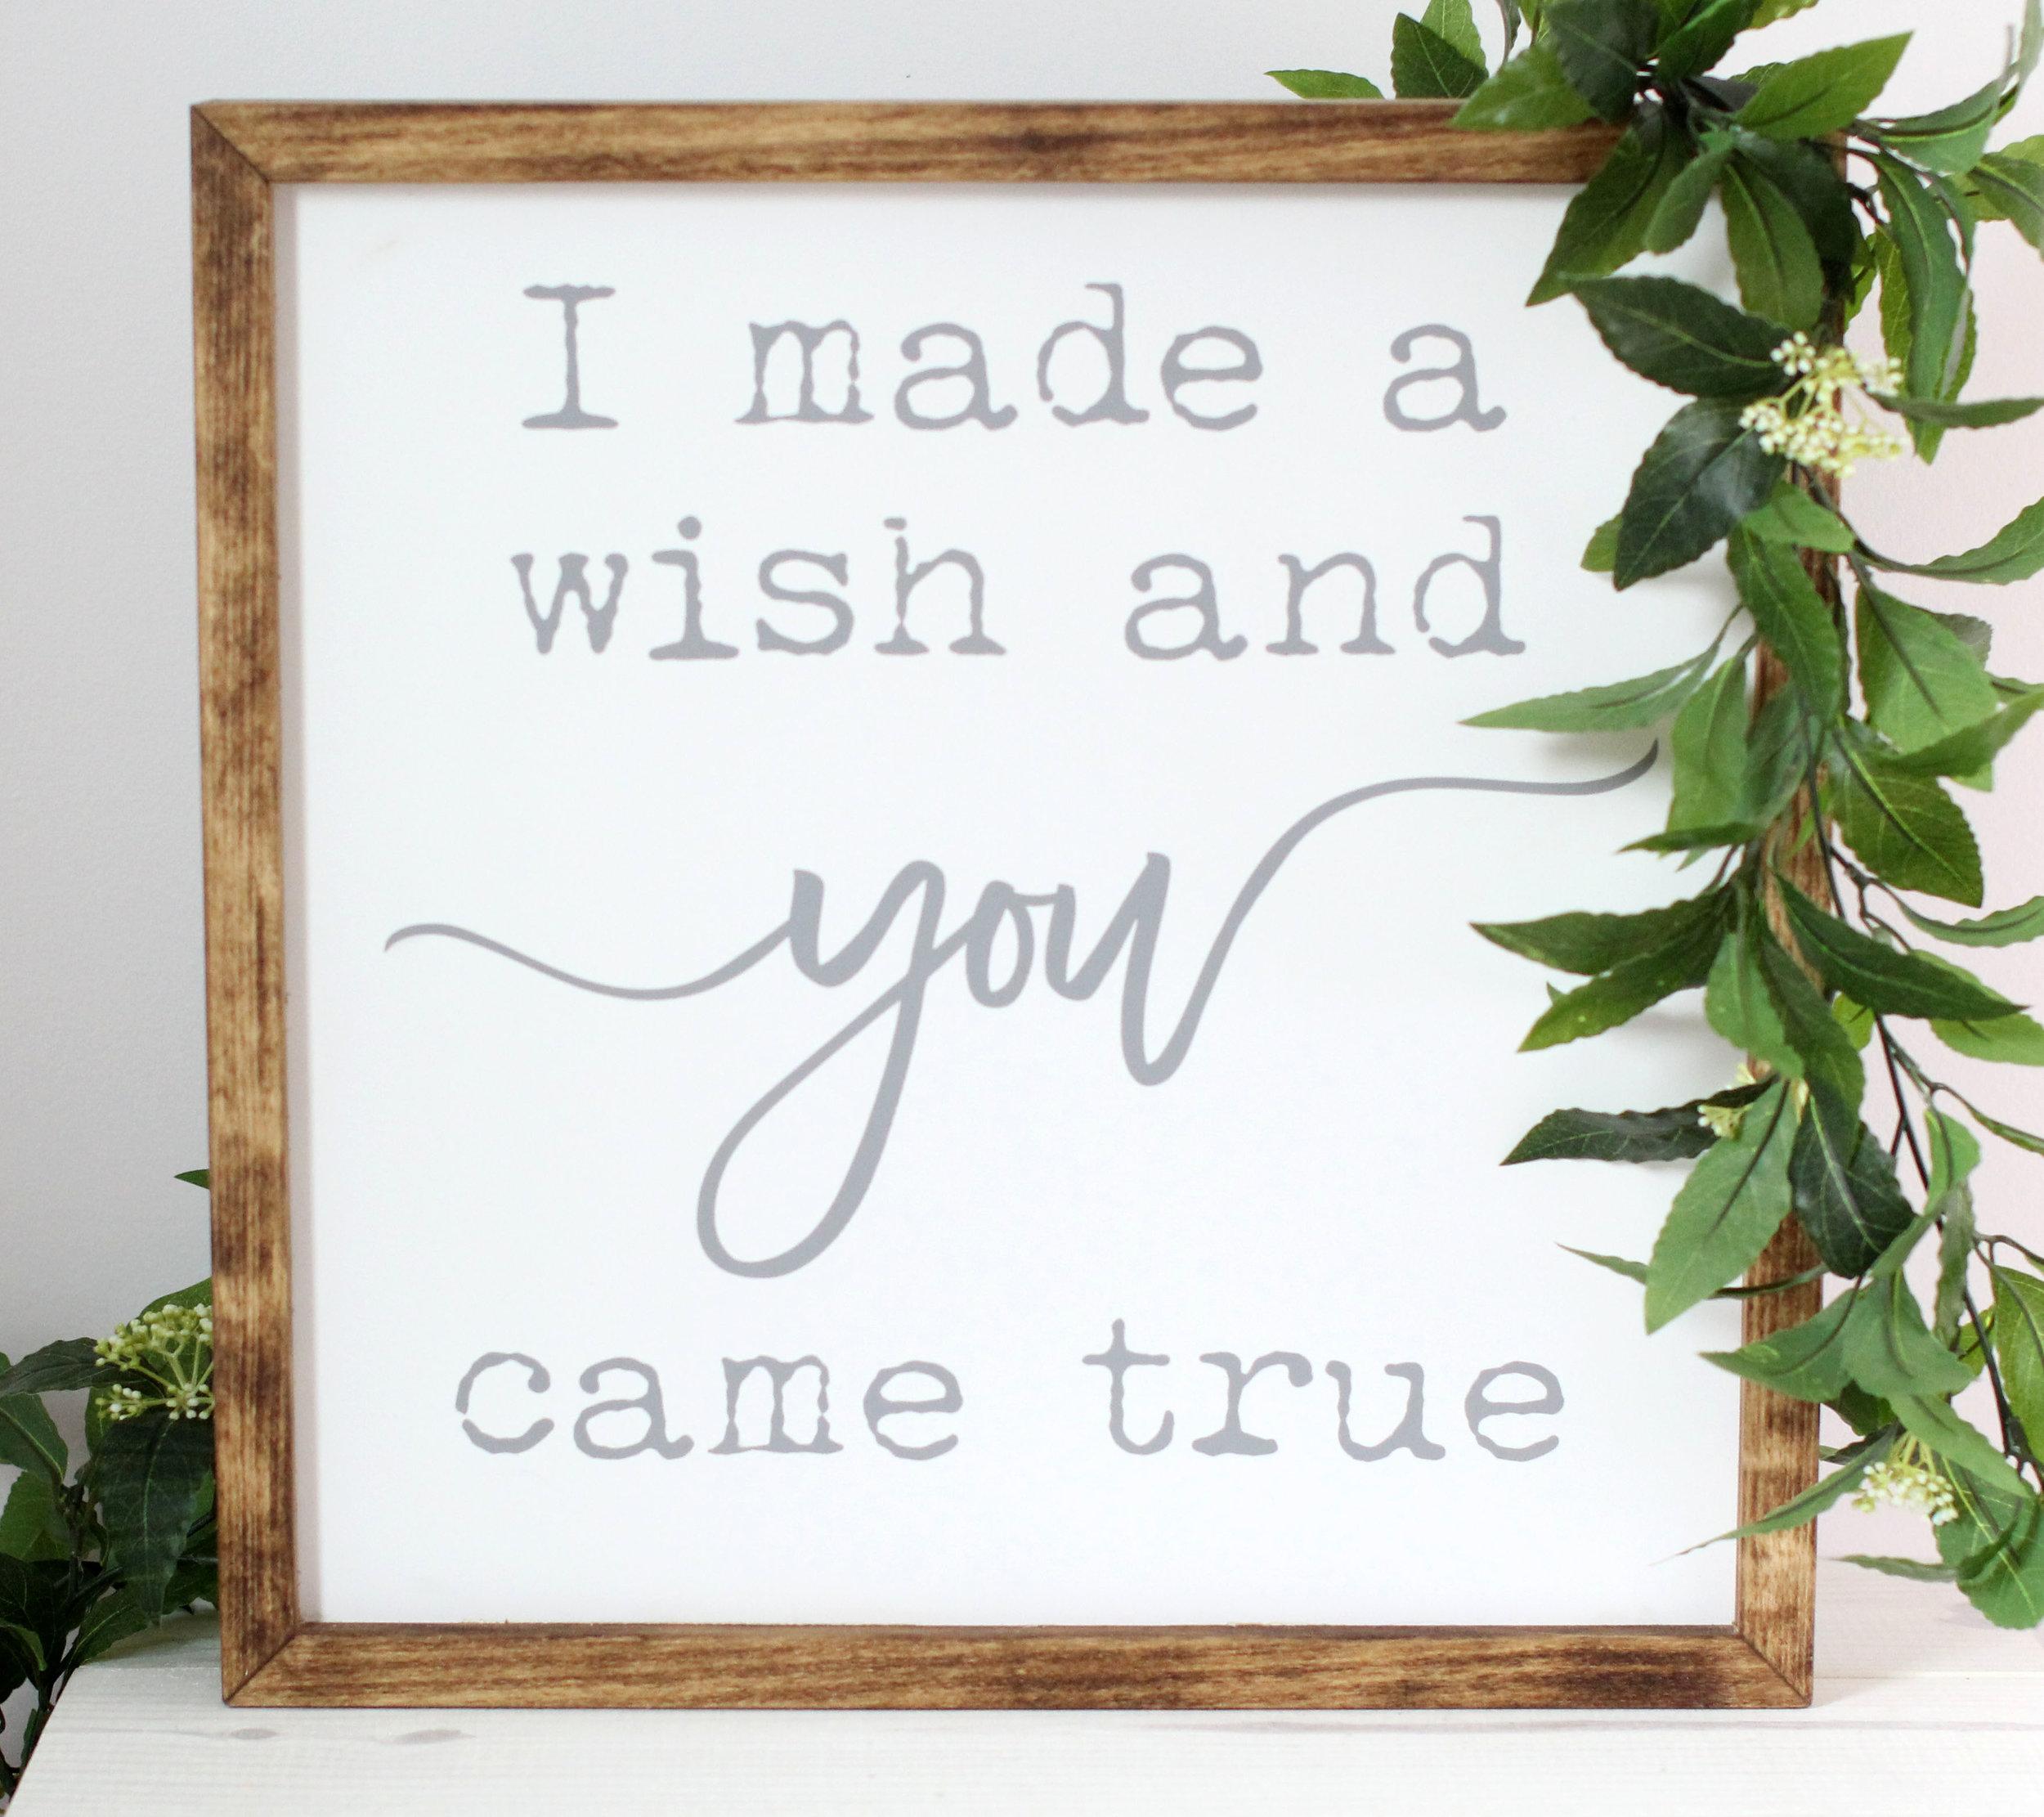 I Made A Wish And You Came True Home Decor Framed Sign.jpg